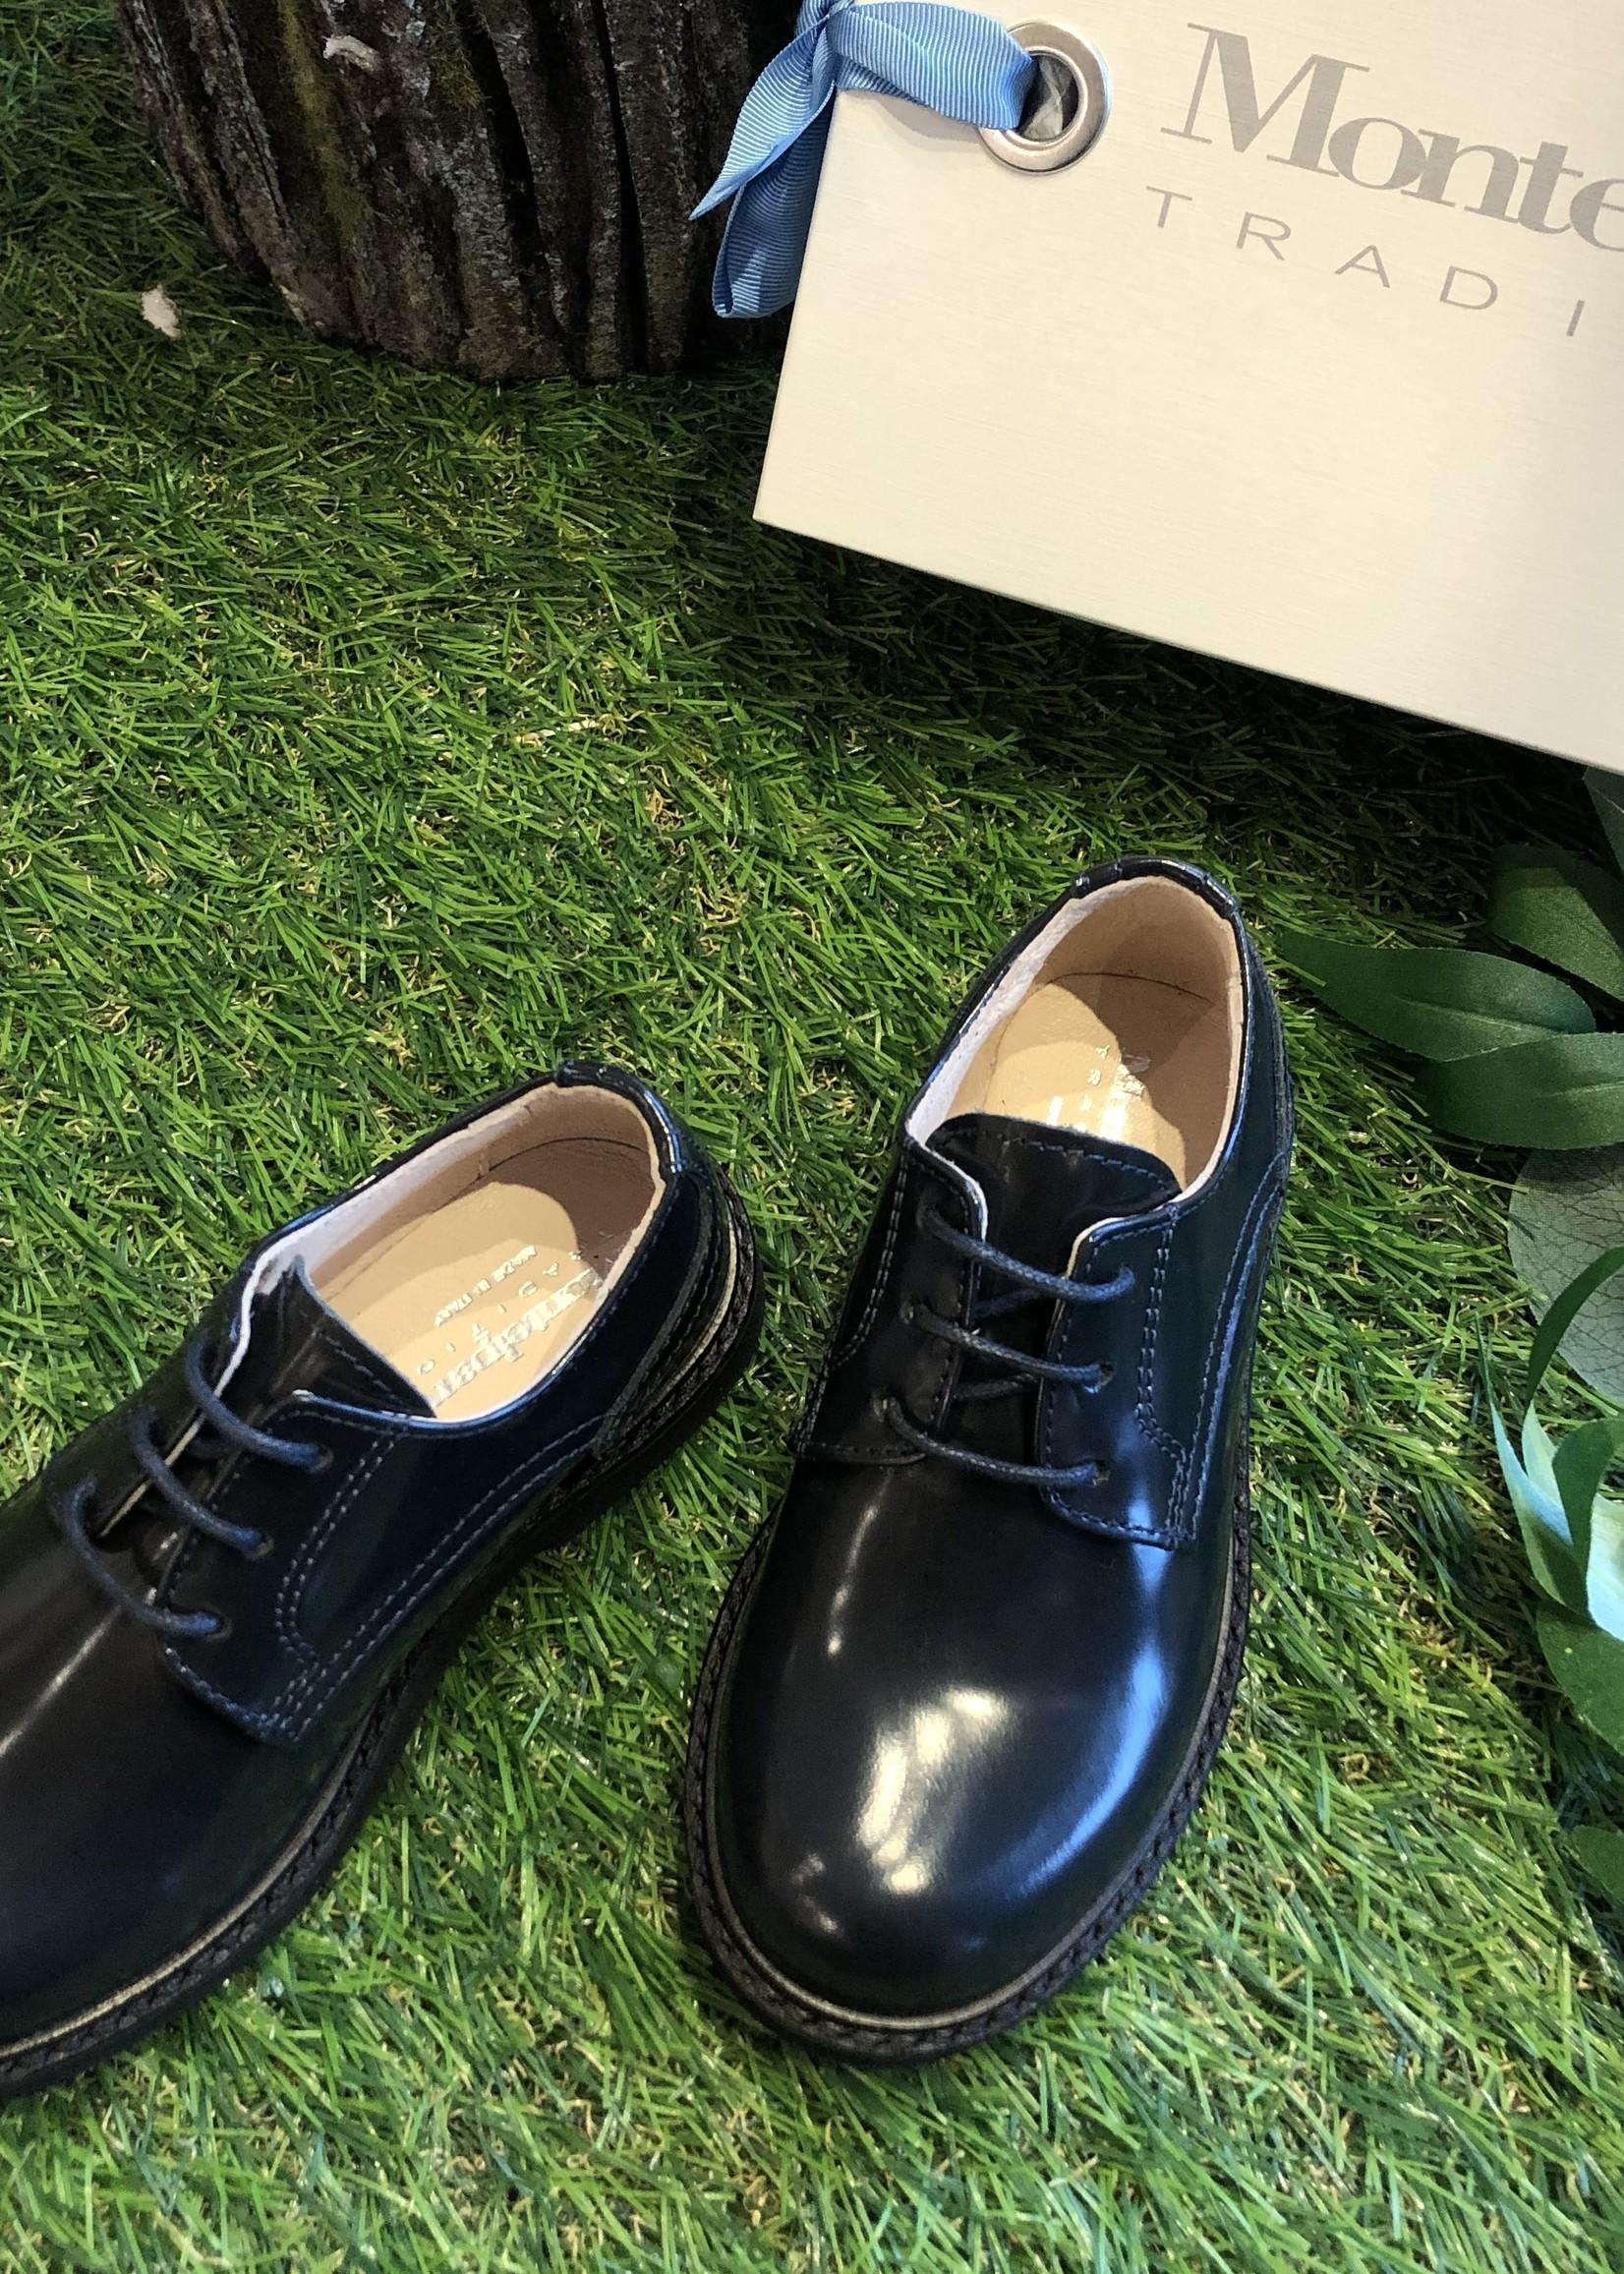 Andrea Montelpare Andrea Montelpare Shoe- AW21 MT19802